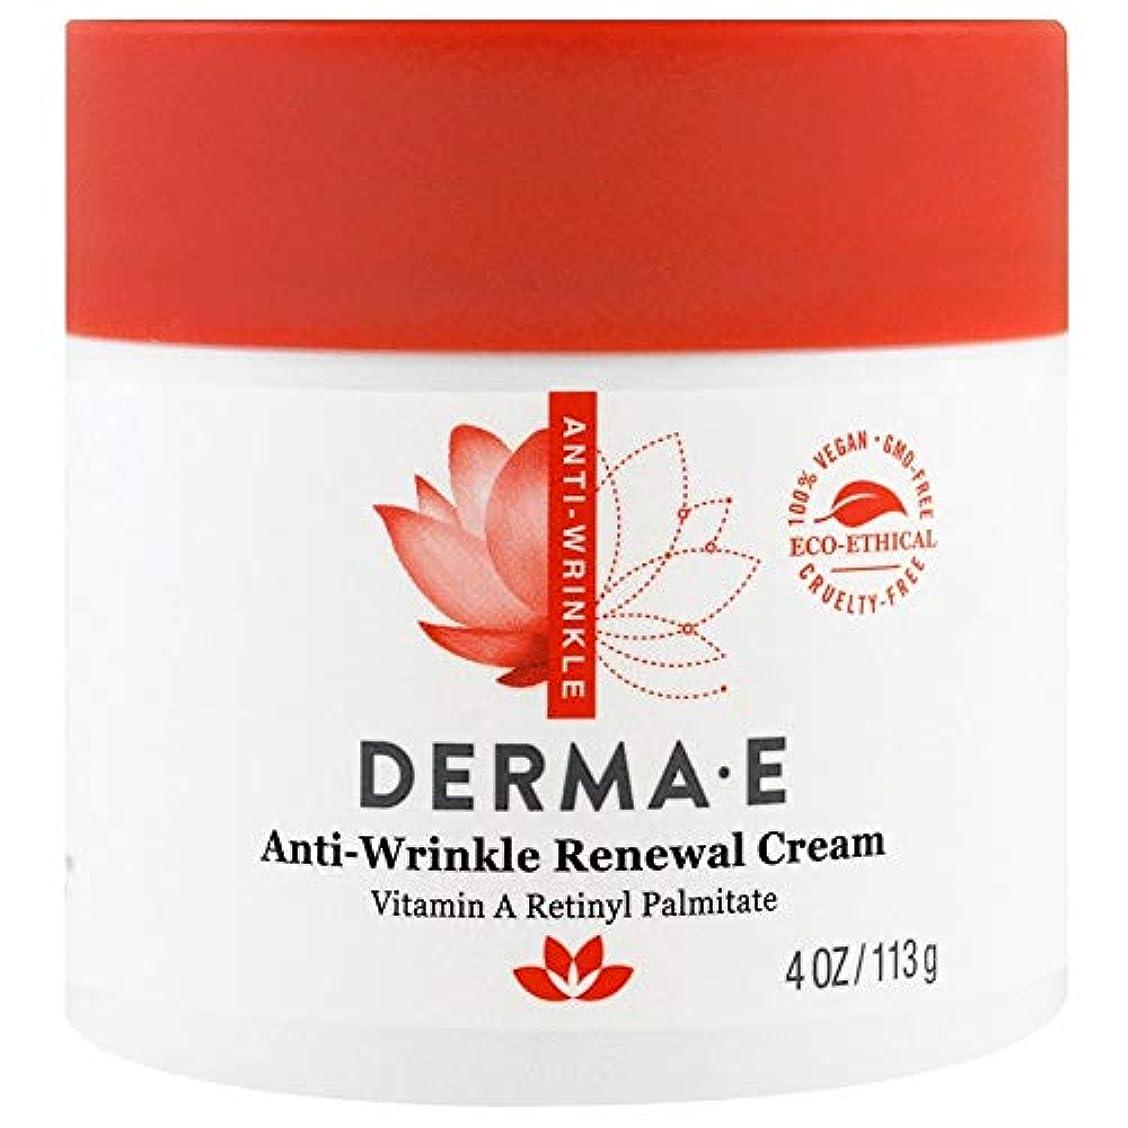 持ってる問い合わせブルームDerma E, Anti-Wrinkle Vitamin A Retinyl Palmitate Cream, 4 oz (113 g)X 2 パック並行輸入品